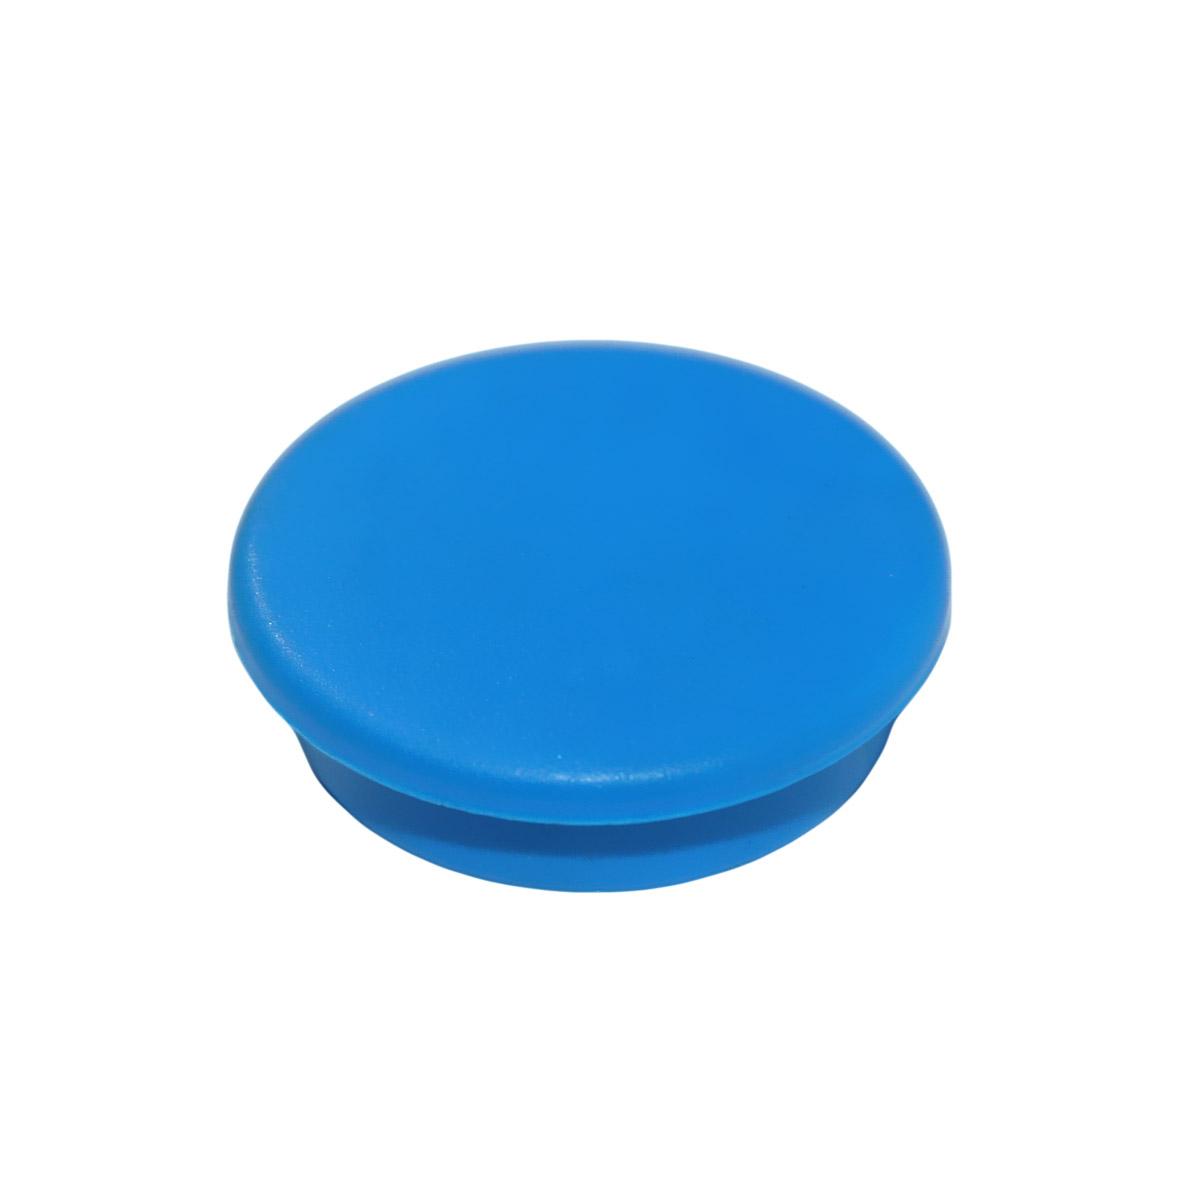 Round neodymium magnets